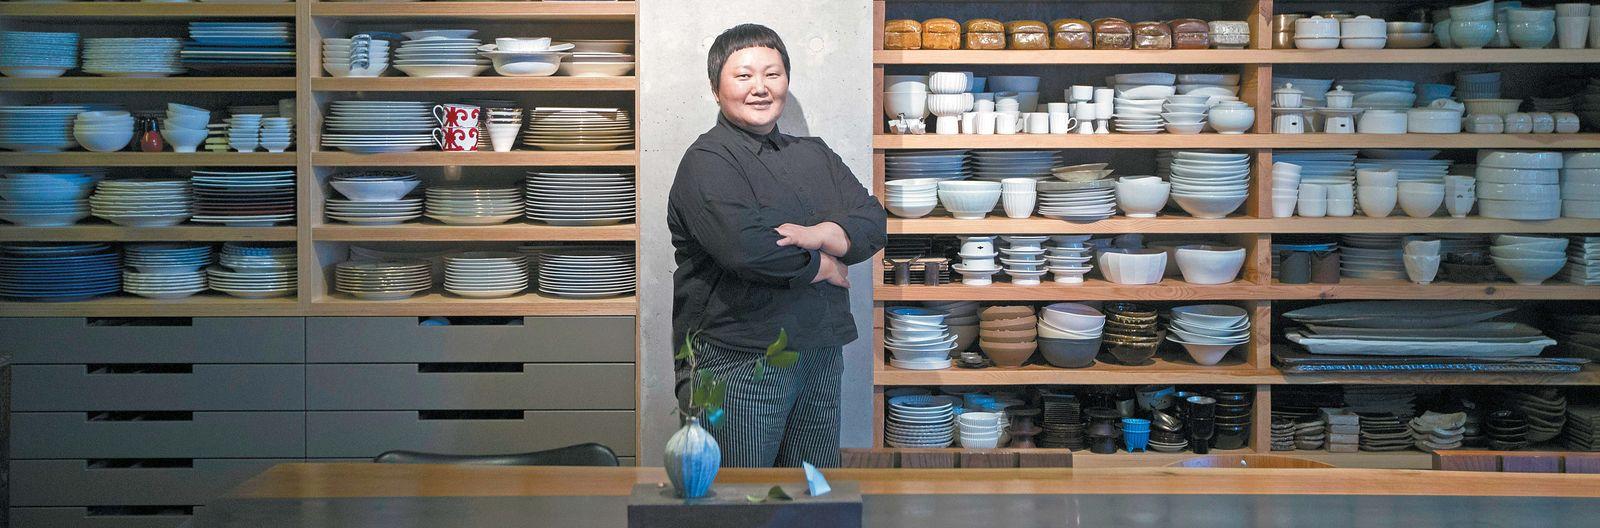 서울 삼성동에 그릇가게 '노영희의 그릇(Roh02)'을 오픈한 노영희 셰프. 그는 오래 전부터 각종 그릇을 모아온 유명한 컬렉터였다. 사진 속 진열장은 그릇가게 건물 6층 푸드 스튜디오에 보관된 그릇 컬렉션.